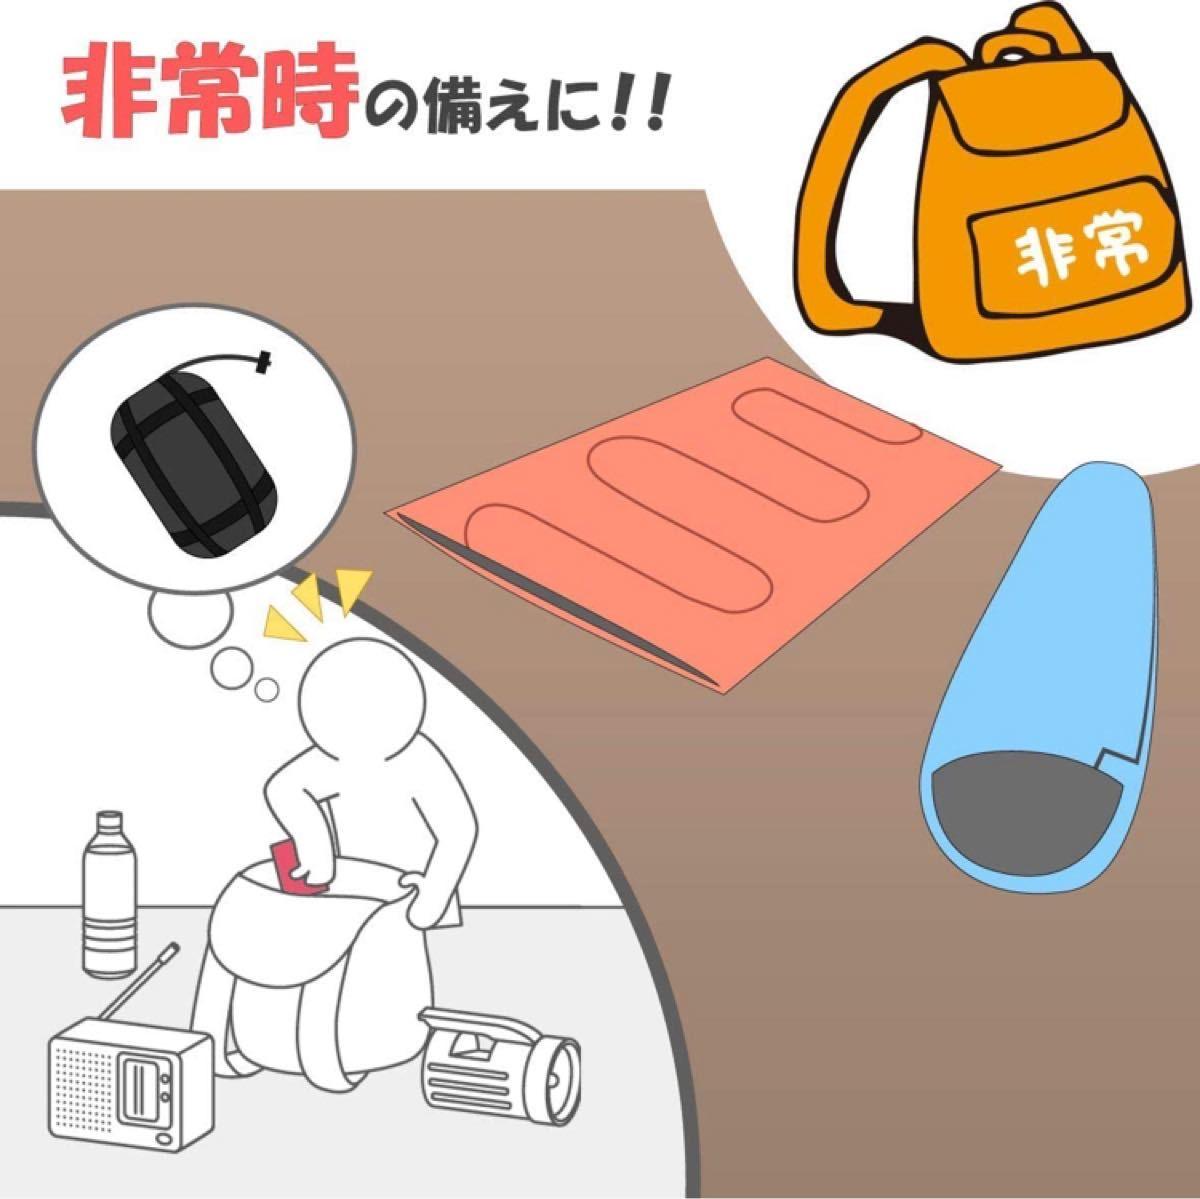 寝袋 丸洗い 抗菌仕様 キャンプ アウトドア シュラフ 車中泊 コンパクト 人気 収納袋 -10℃ 寝袋シュラフ